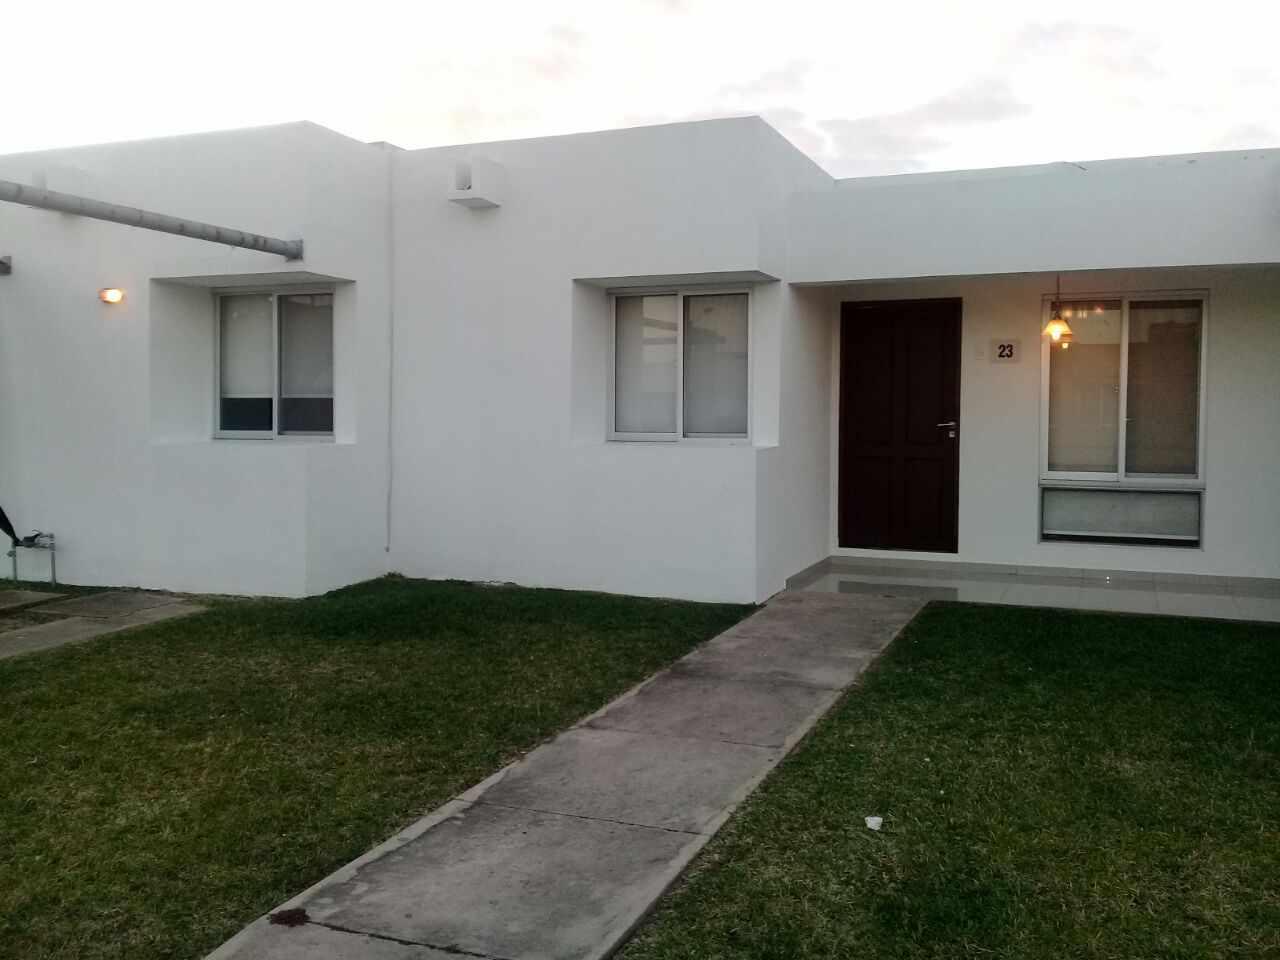 Condominio sevilla pinatar us 500 uc 415216 for Alquiler de casas en cantillana sevilla